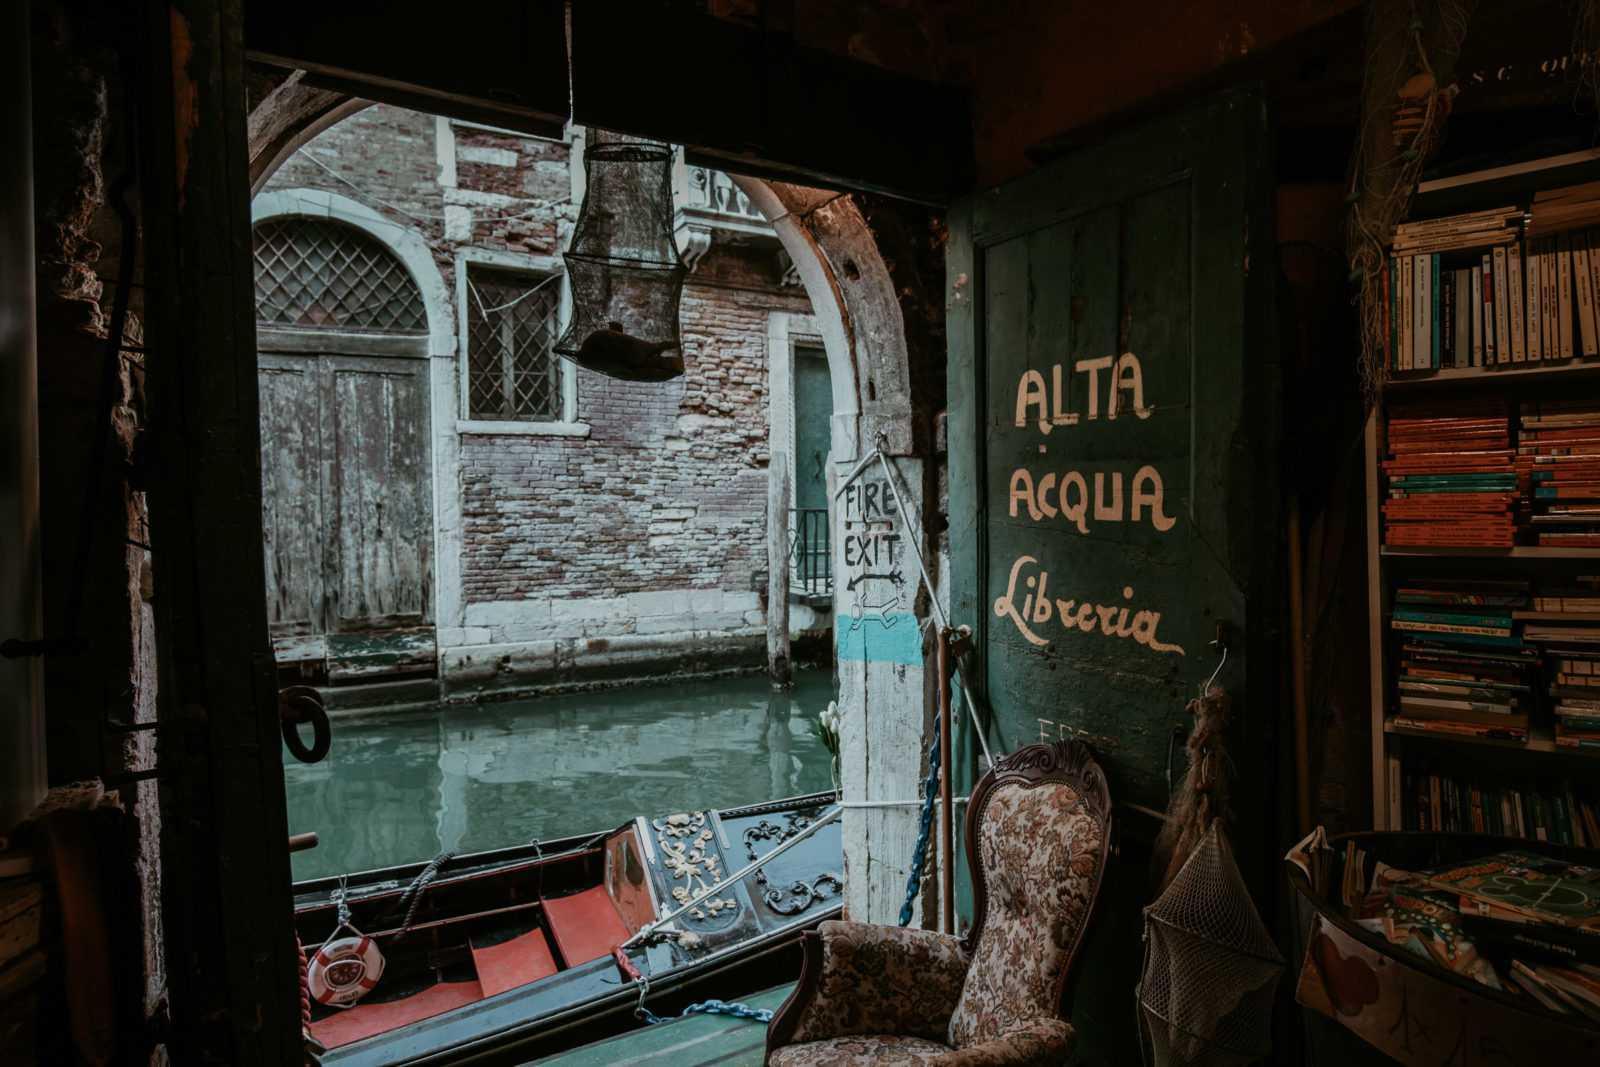 Libreria Acqua Alta Venedig Tür Aussicht auf Kanal